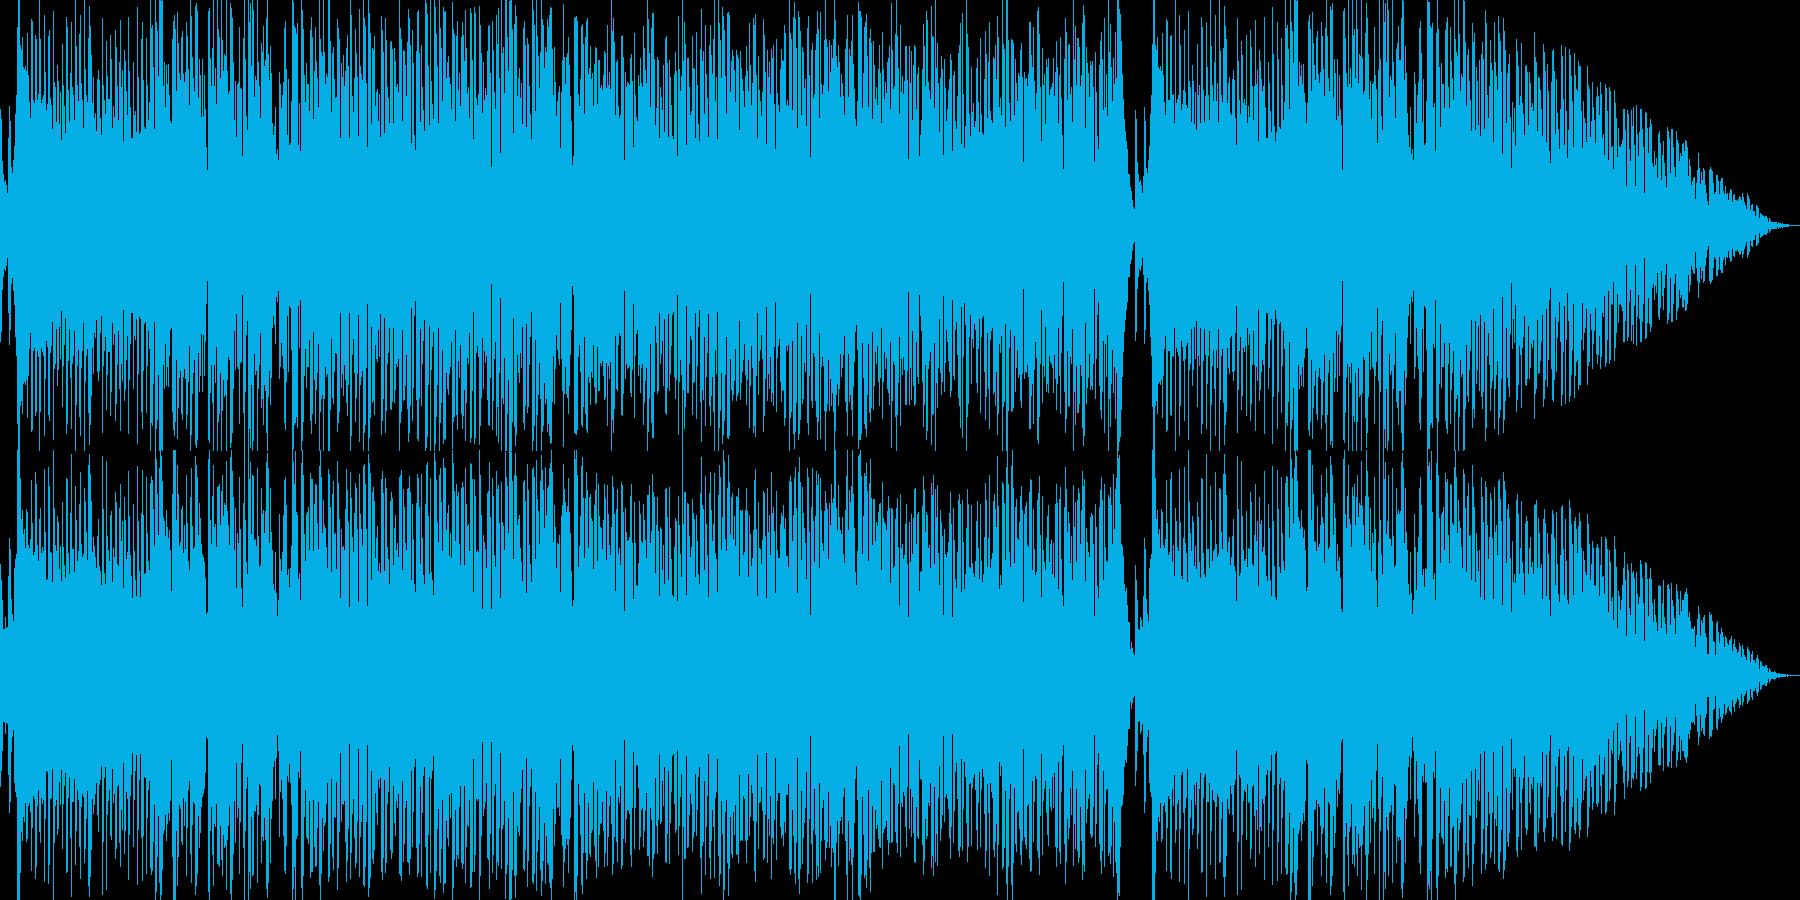 夏を感じる爽やかな和風エレクトロBGMの再生済みの波形